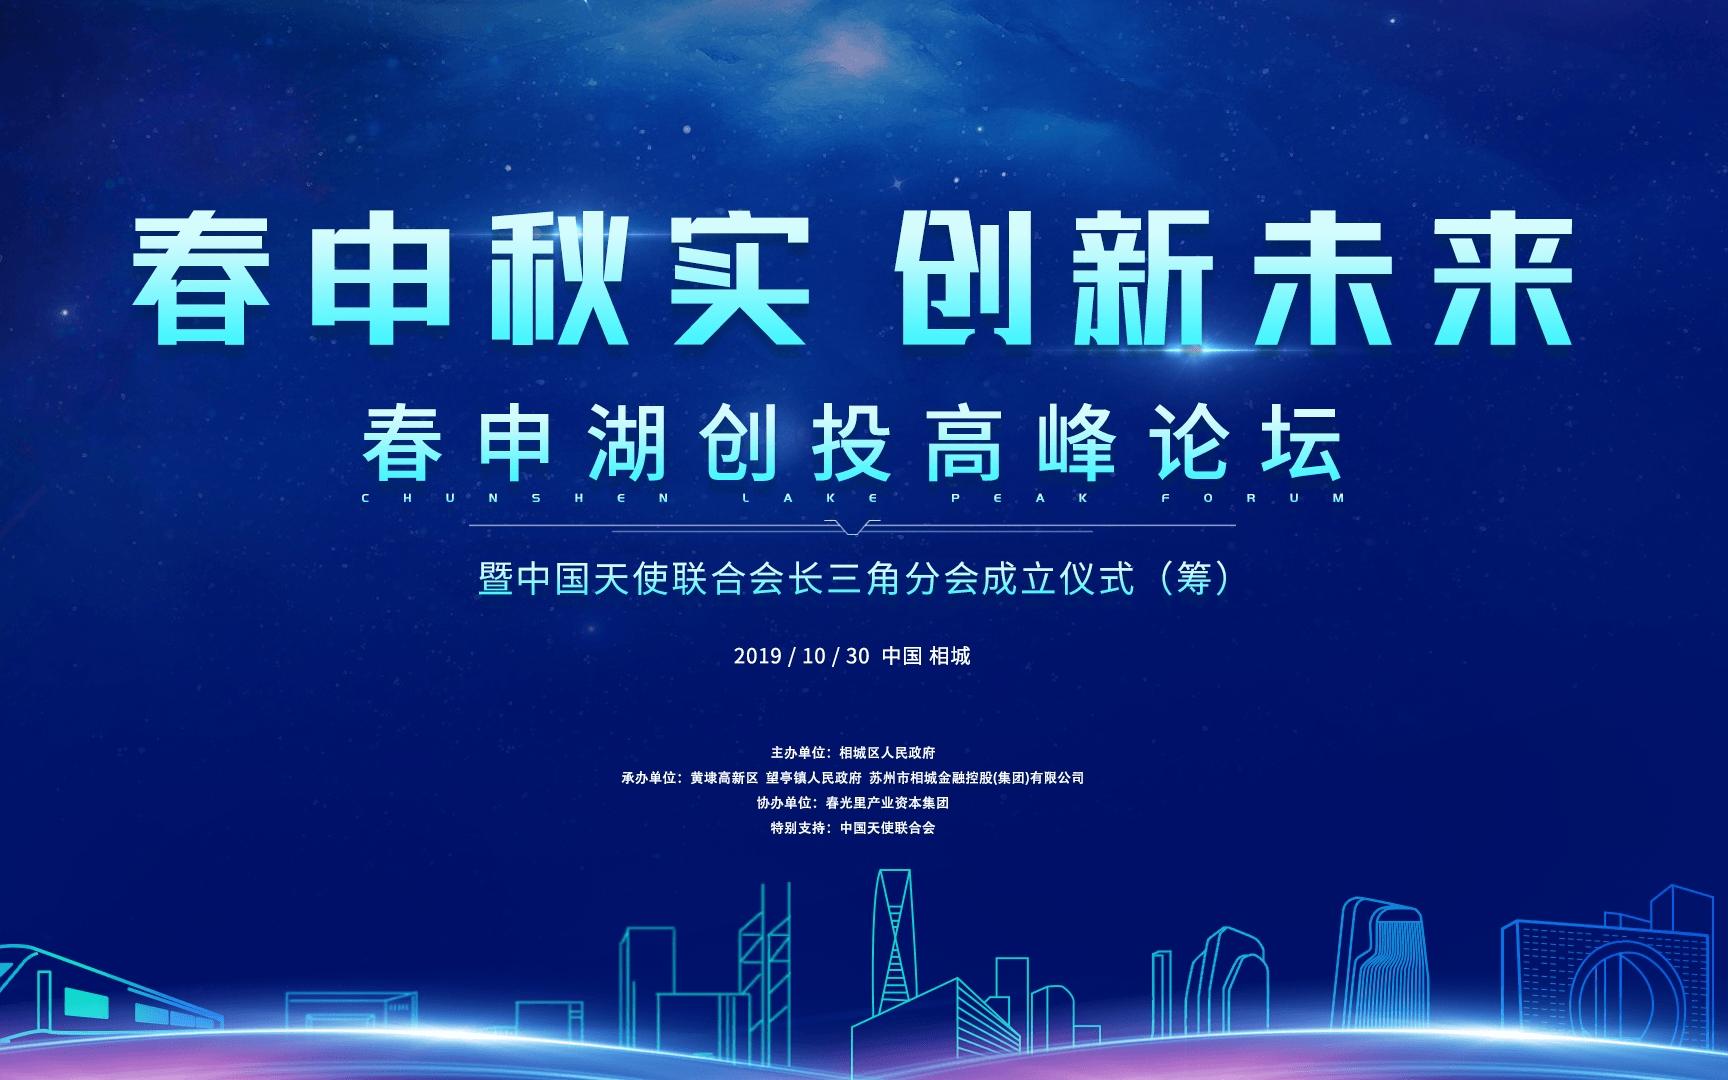 春申秋实 创新未来——2019春申湖创投高峰论坛(苏州)